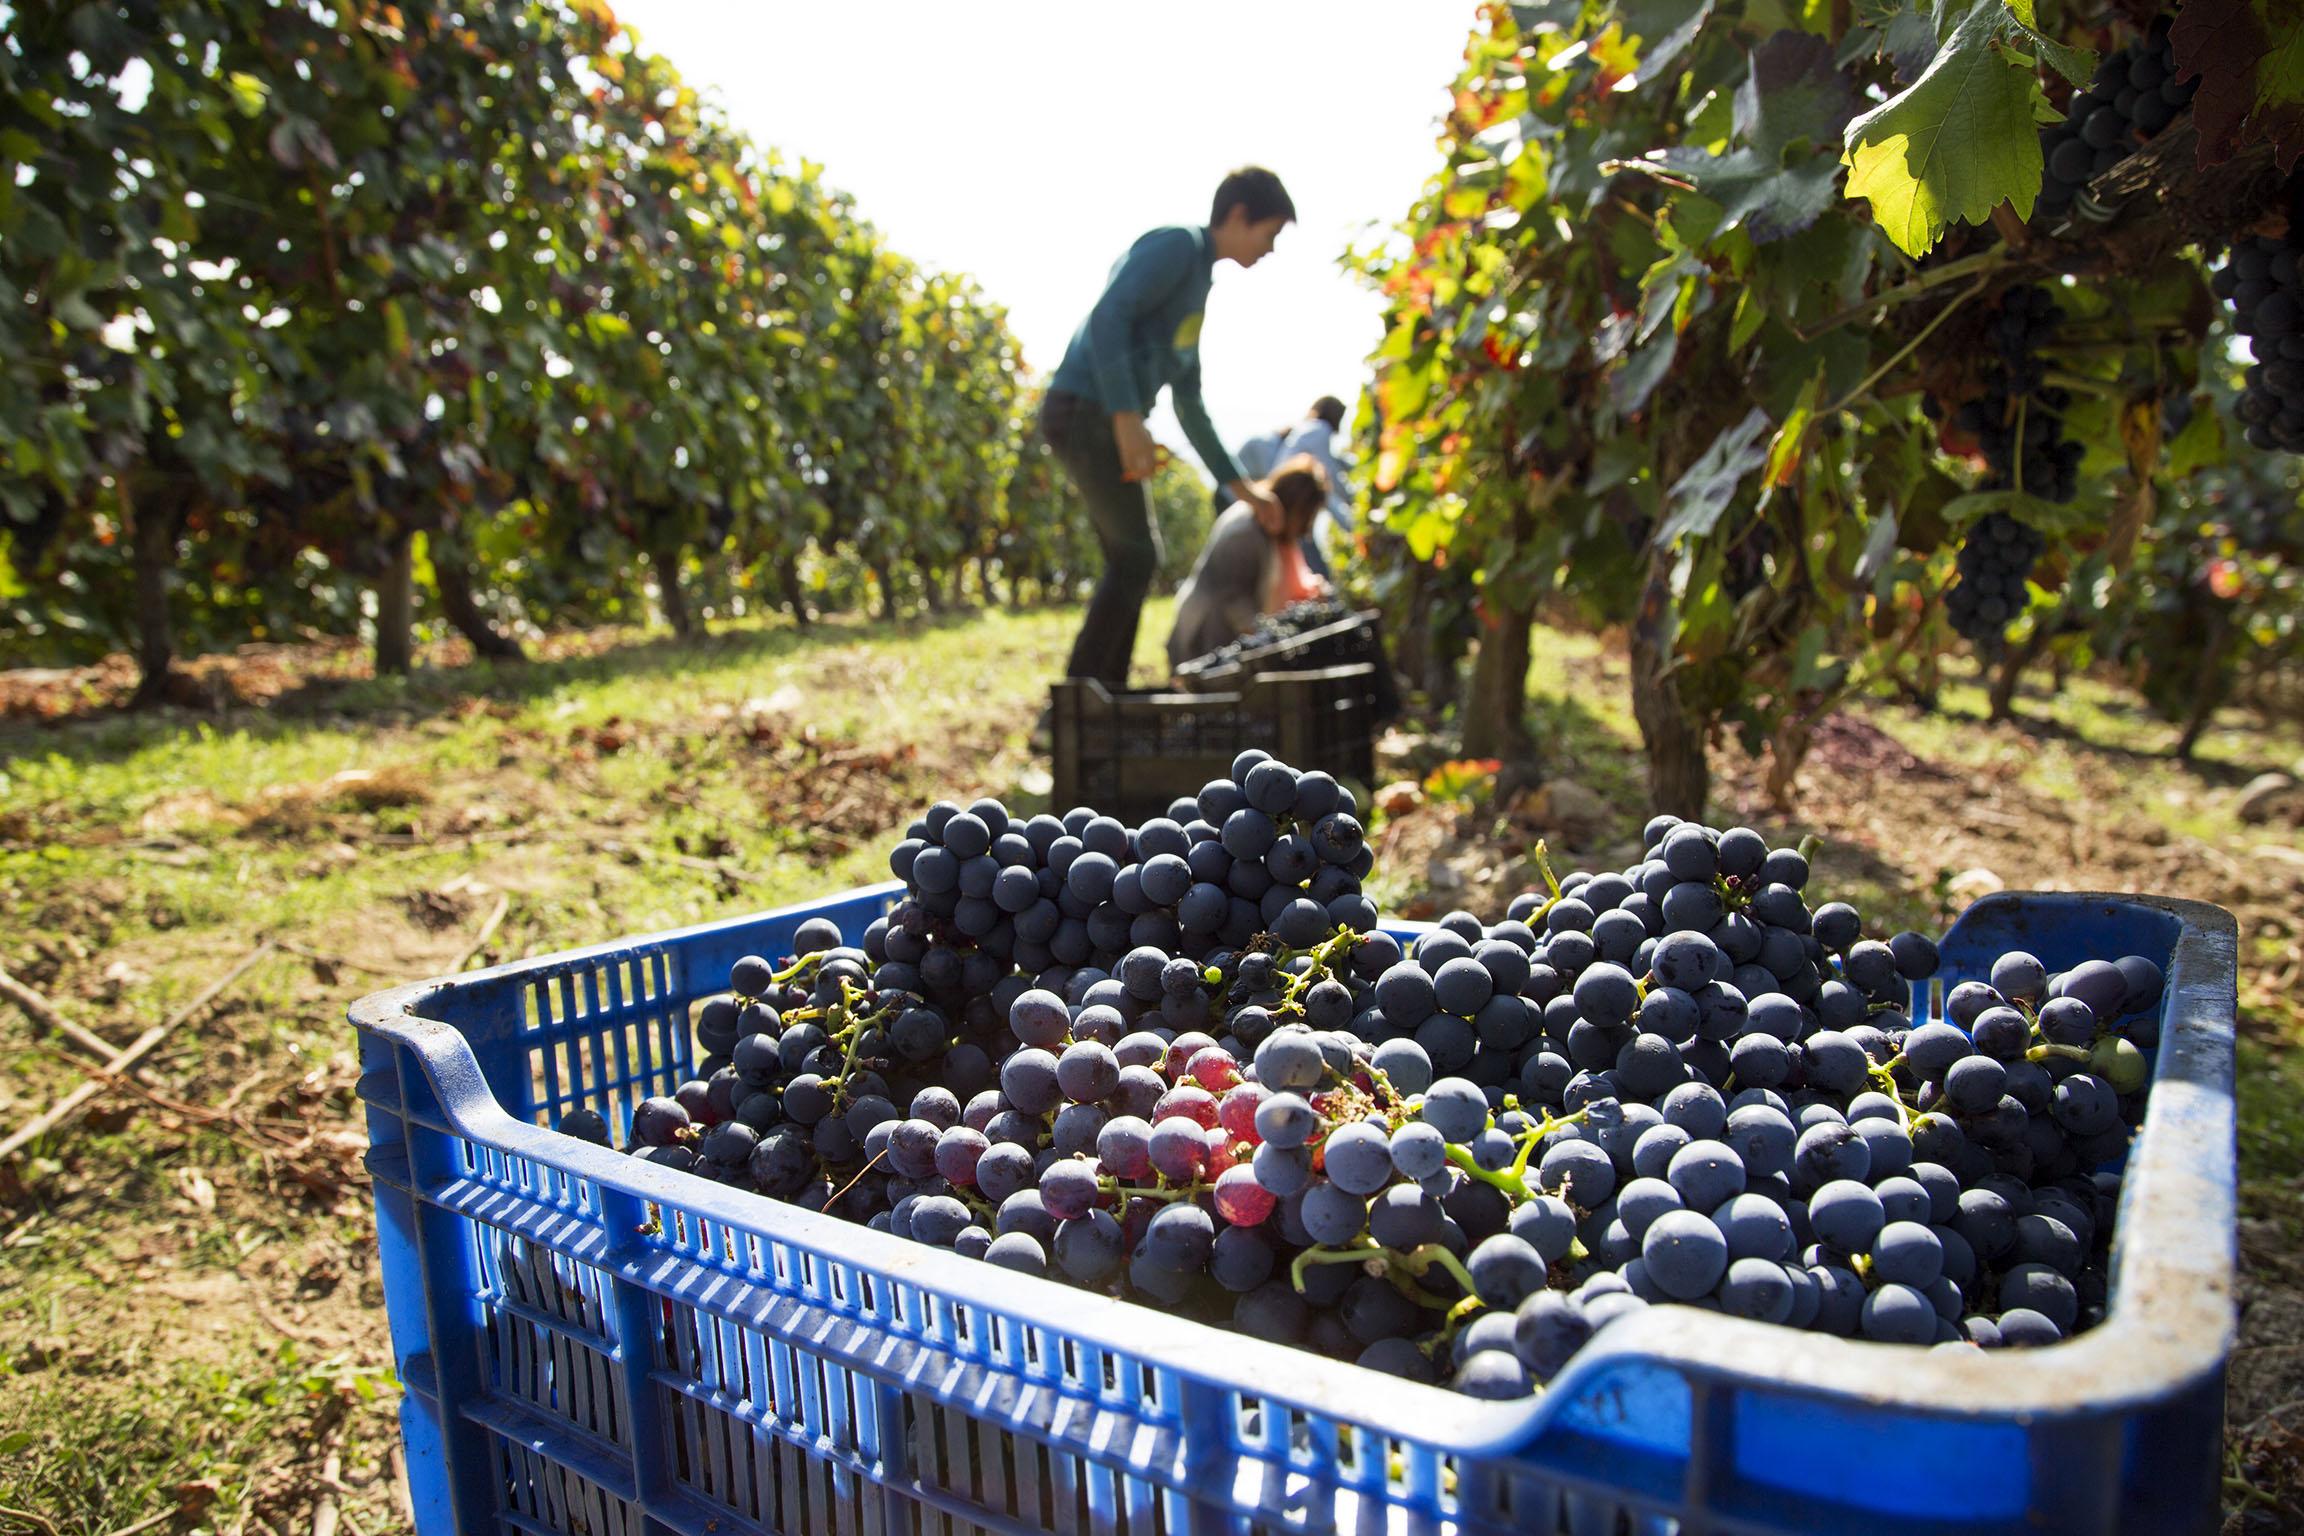 La cosecha de vinos 2021 fue excelente en la mayoría de las regiones de la Argentina